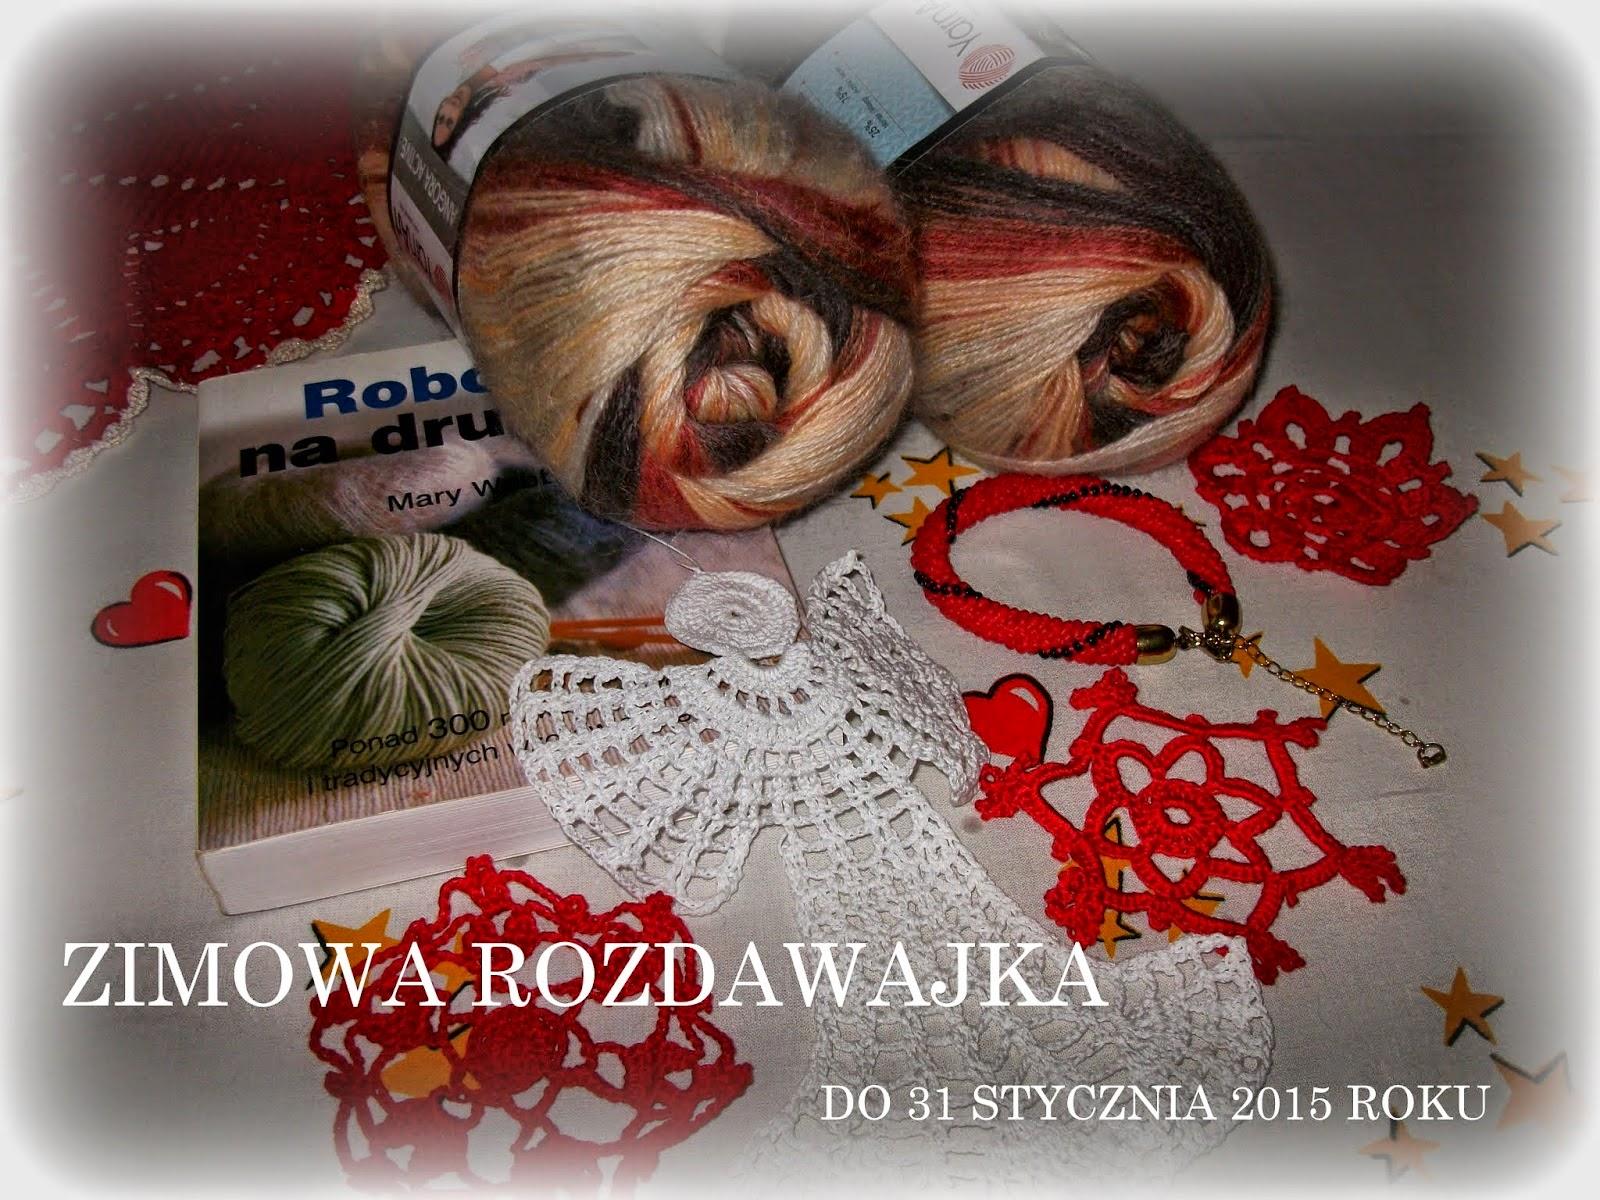 MOJA ROZDAWAJKA ZIMOWA DO 31 STYCZNIA 2015 ROKU  ZAPRASZAM DO ZABAWY!!!!!!!